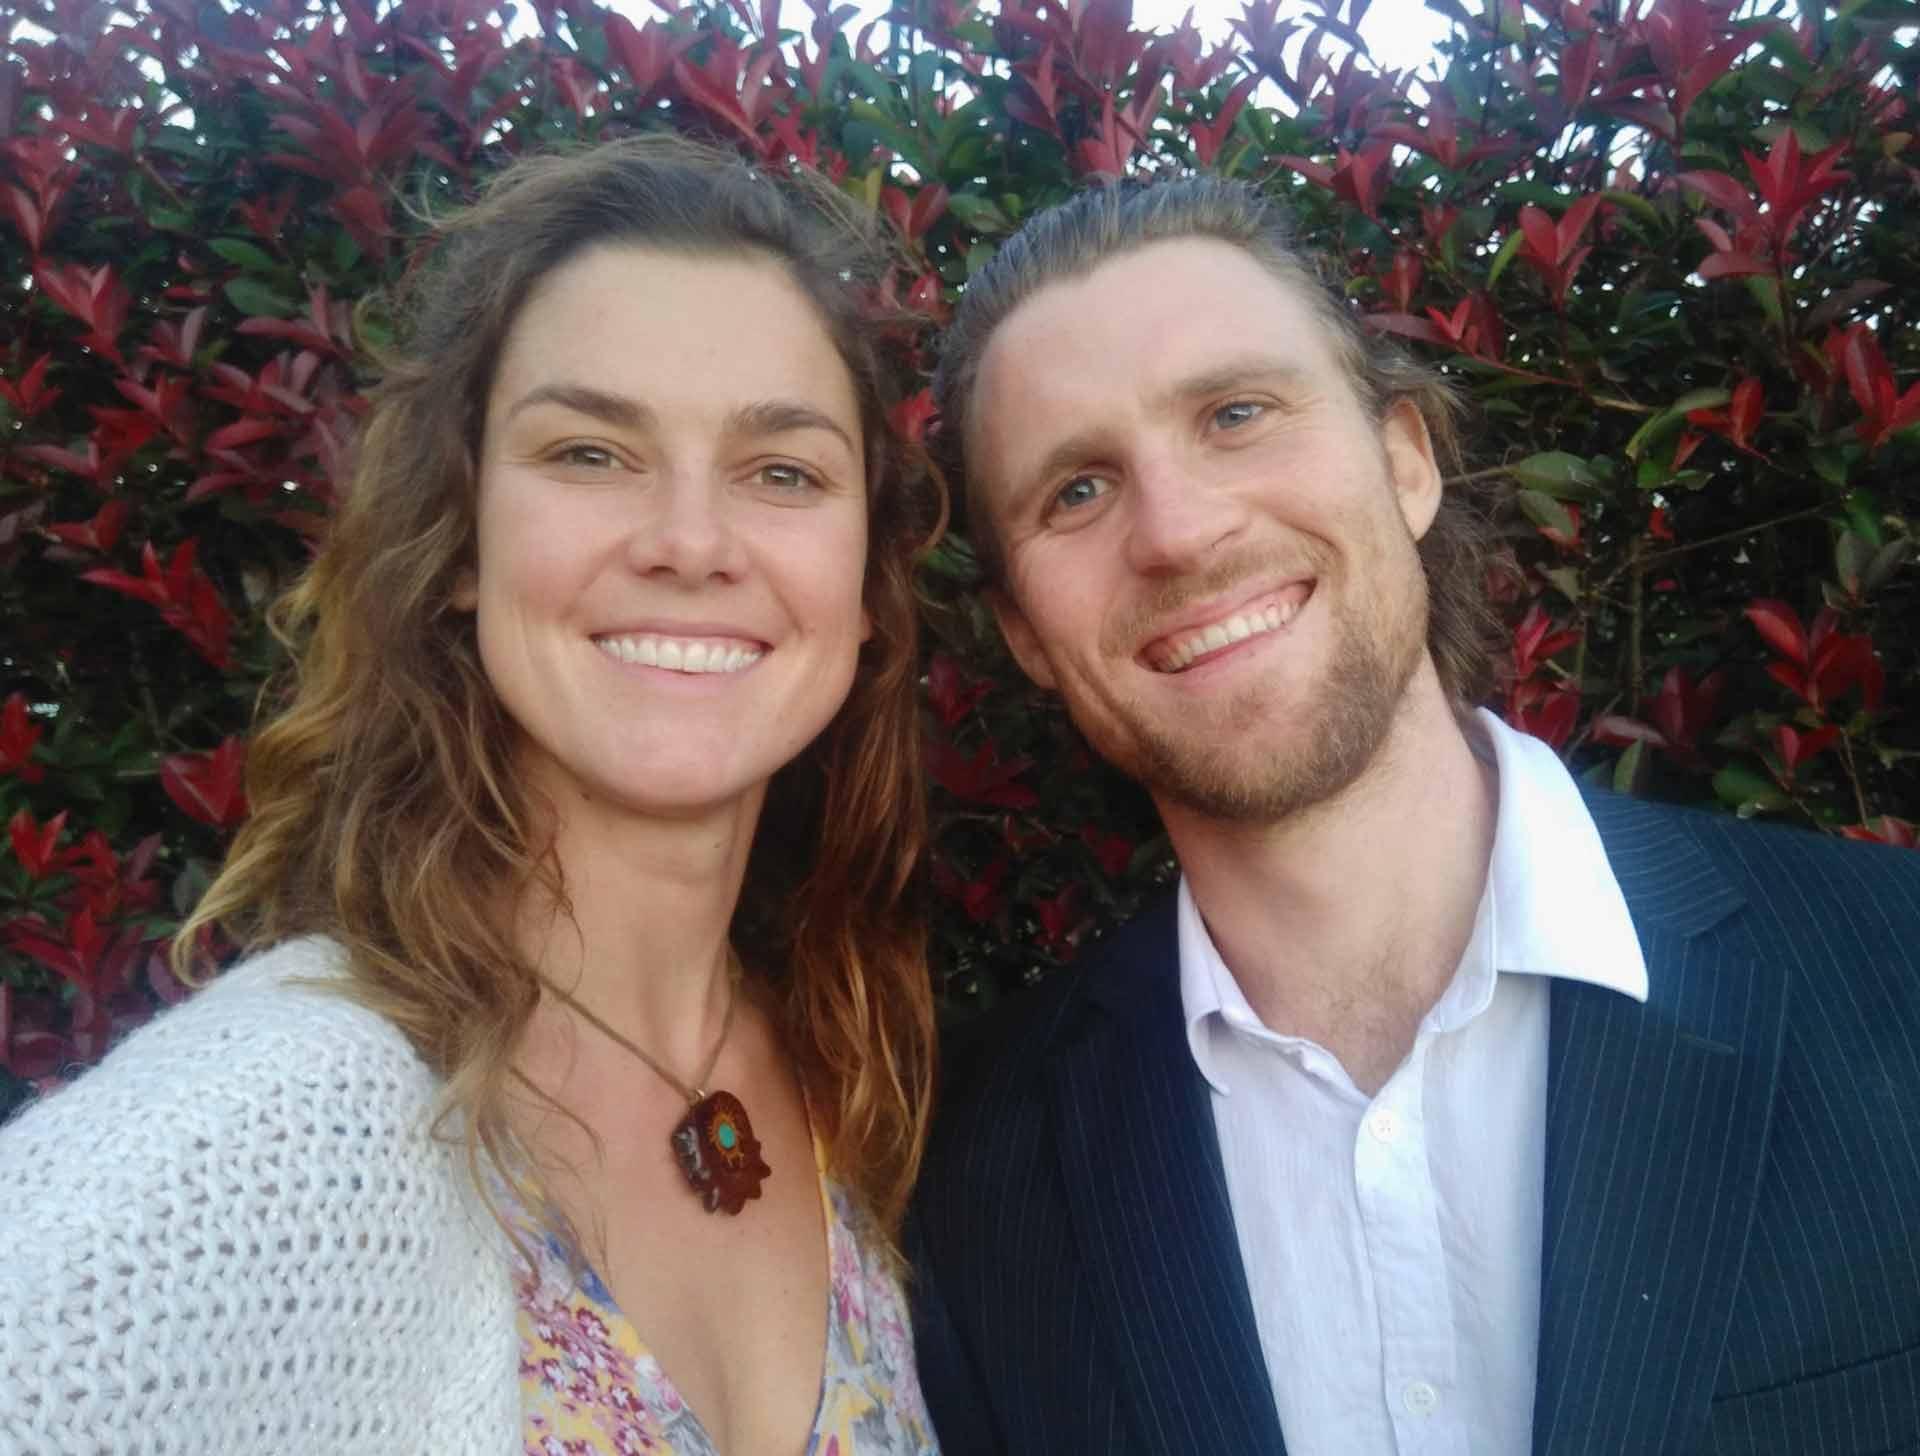 Meet Georgie & James founders of Mindful Foods